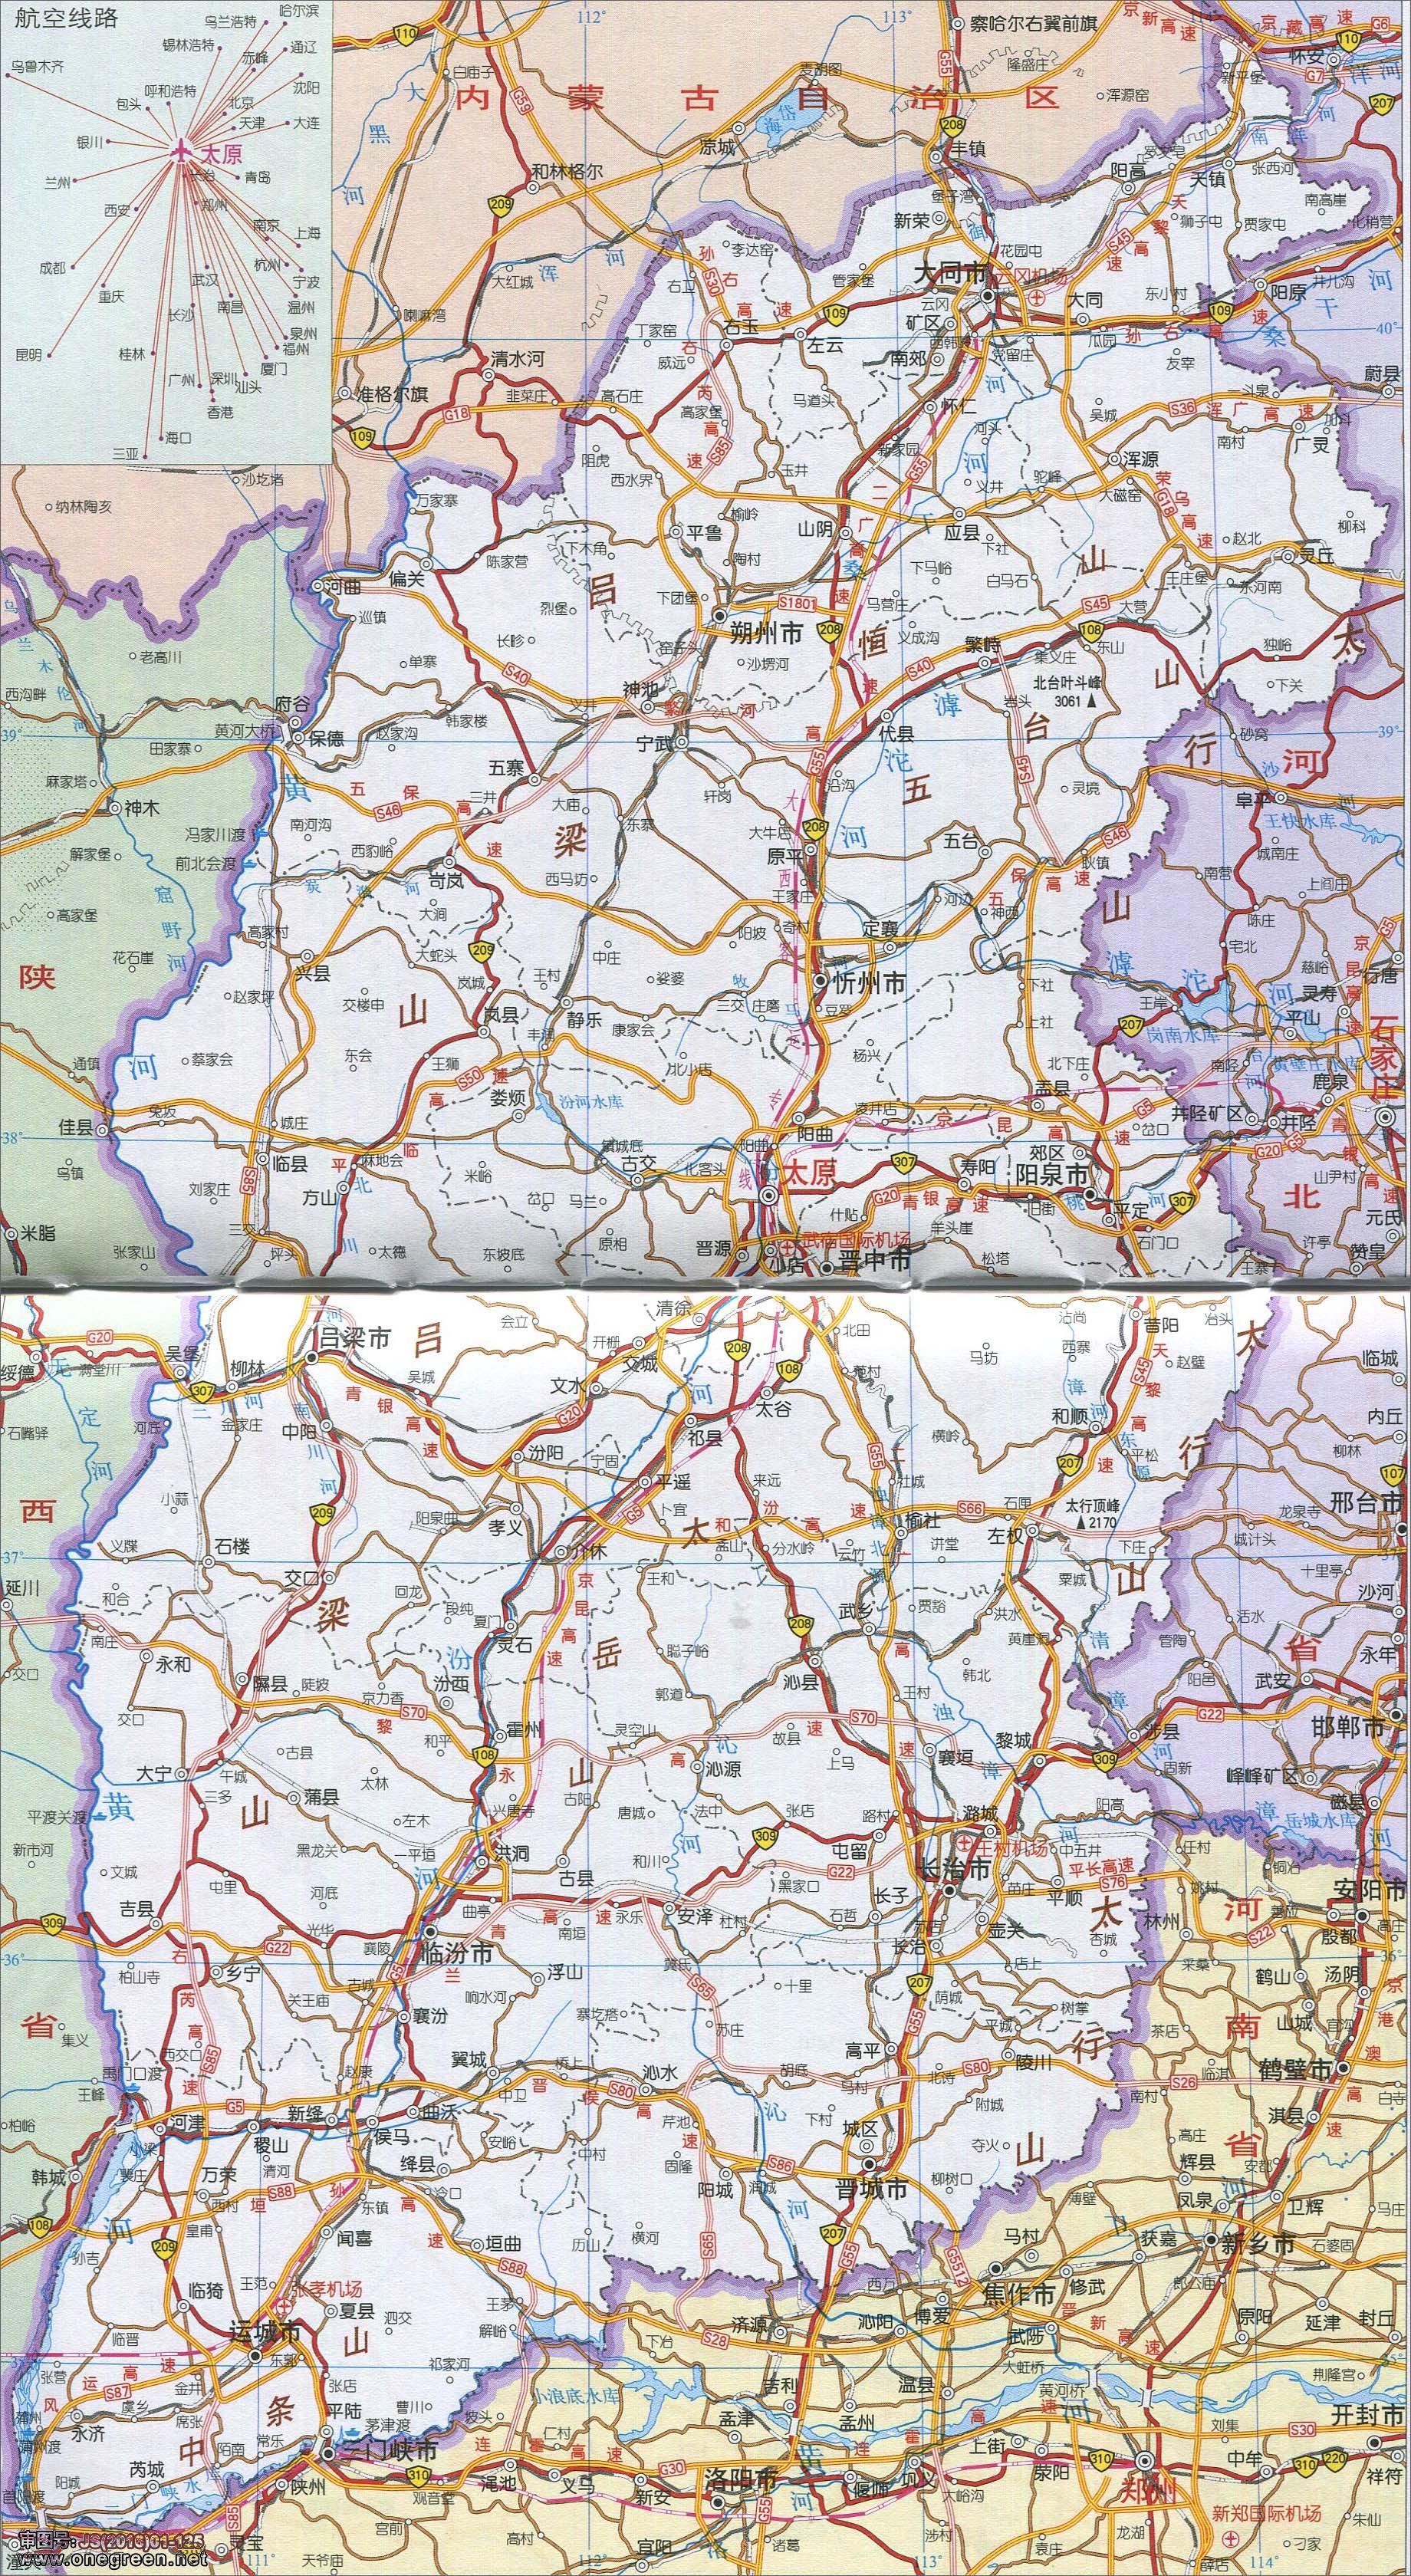 海南和云南的地图